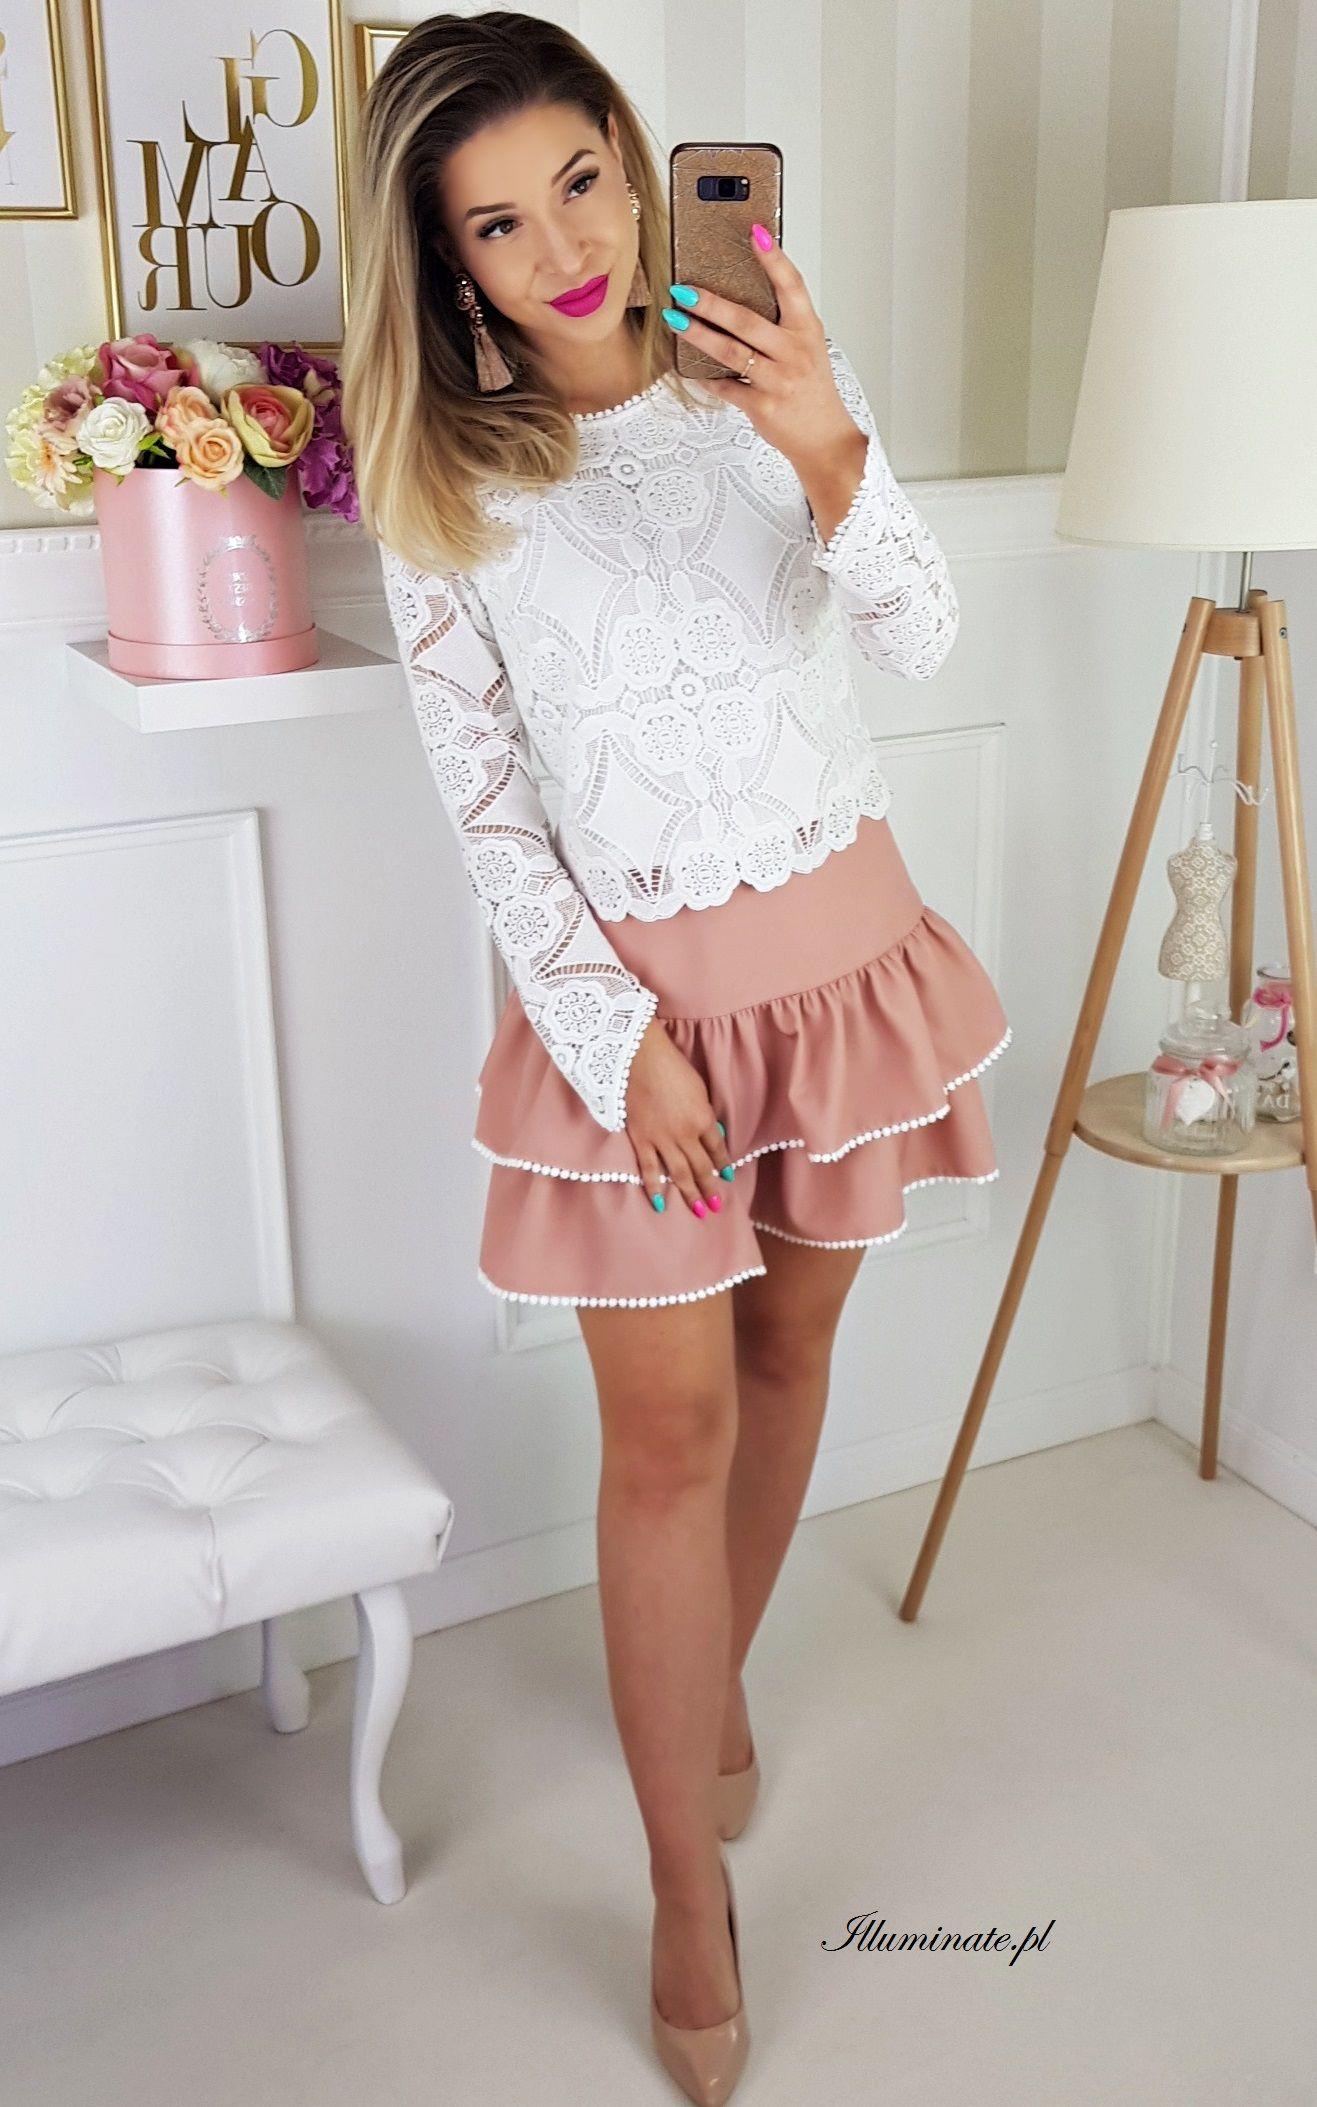 2f73b119d5 Komplet  rozkloszowana spódniczka w kolorze zgaszonego różu + koronkowa  biała bluzeczka Zestaw na komunie ślub urodziny  whitelaceblouse   pinkminiskirt ...